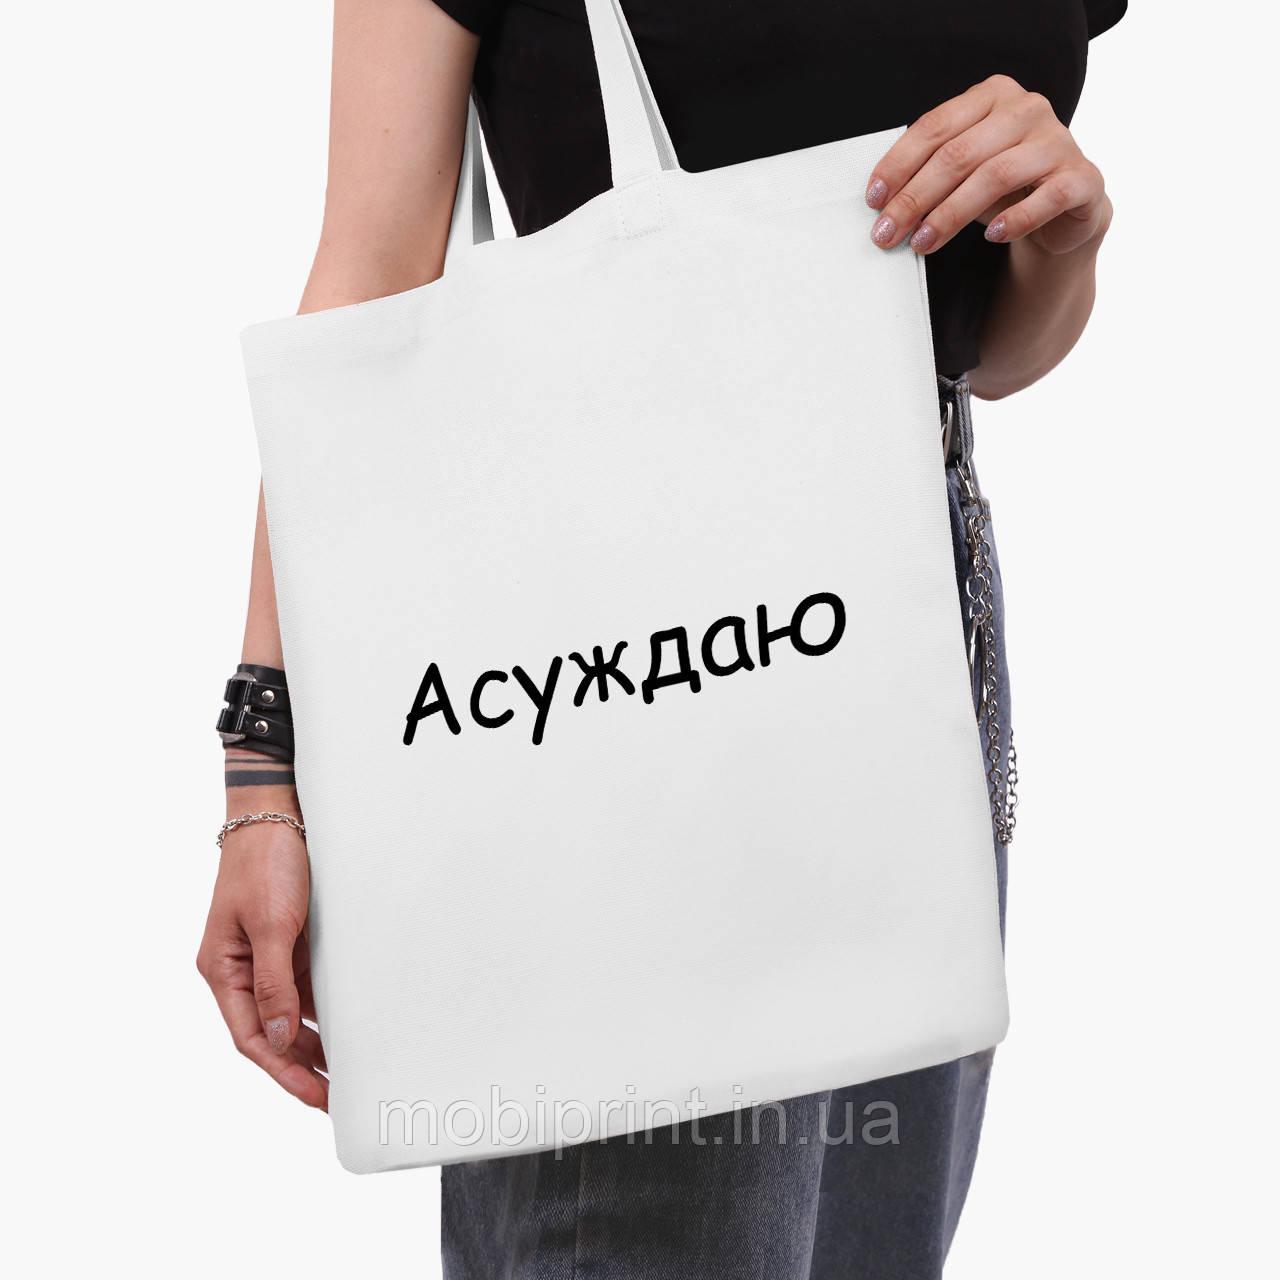 Еко сумка шоппер біла Асуждаю (9227-1288-3) 41*35 см